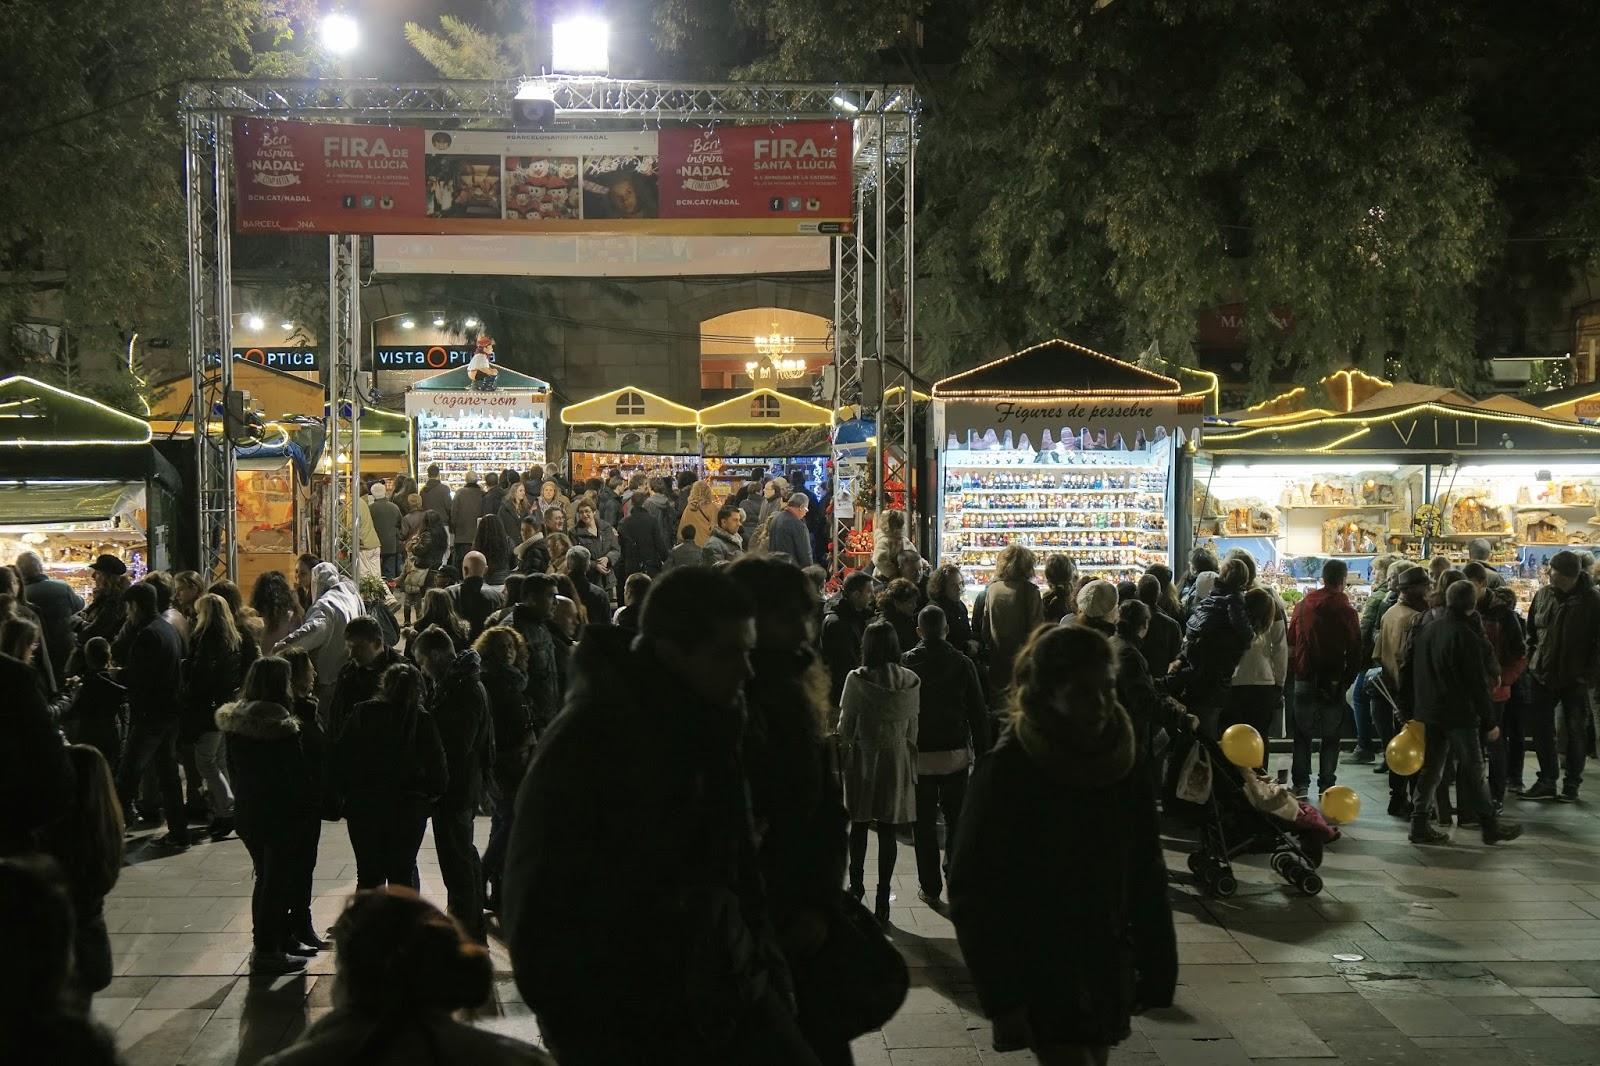 クリスマス・マーケット(Fira de Santa Llúcia)